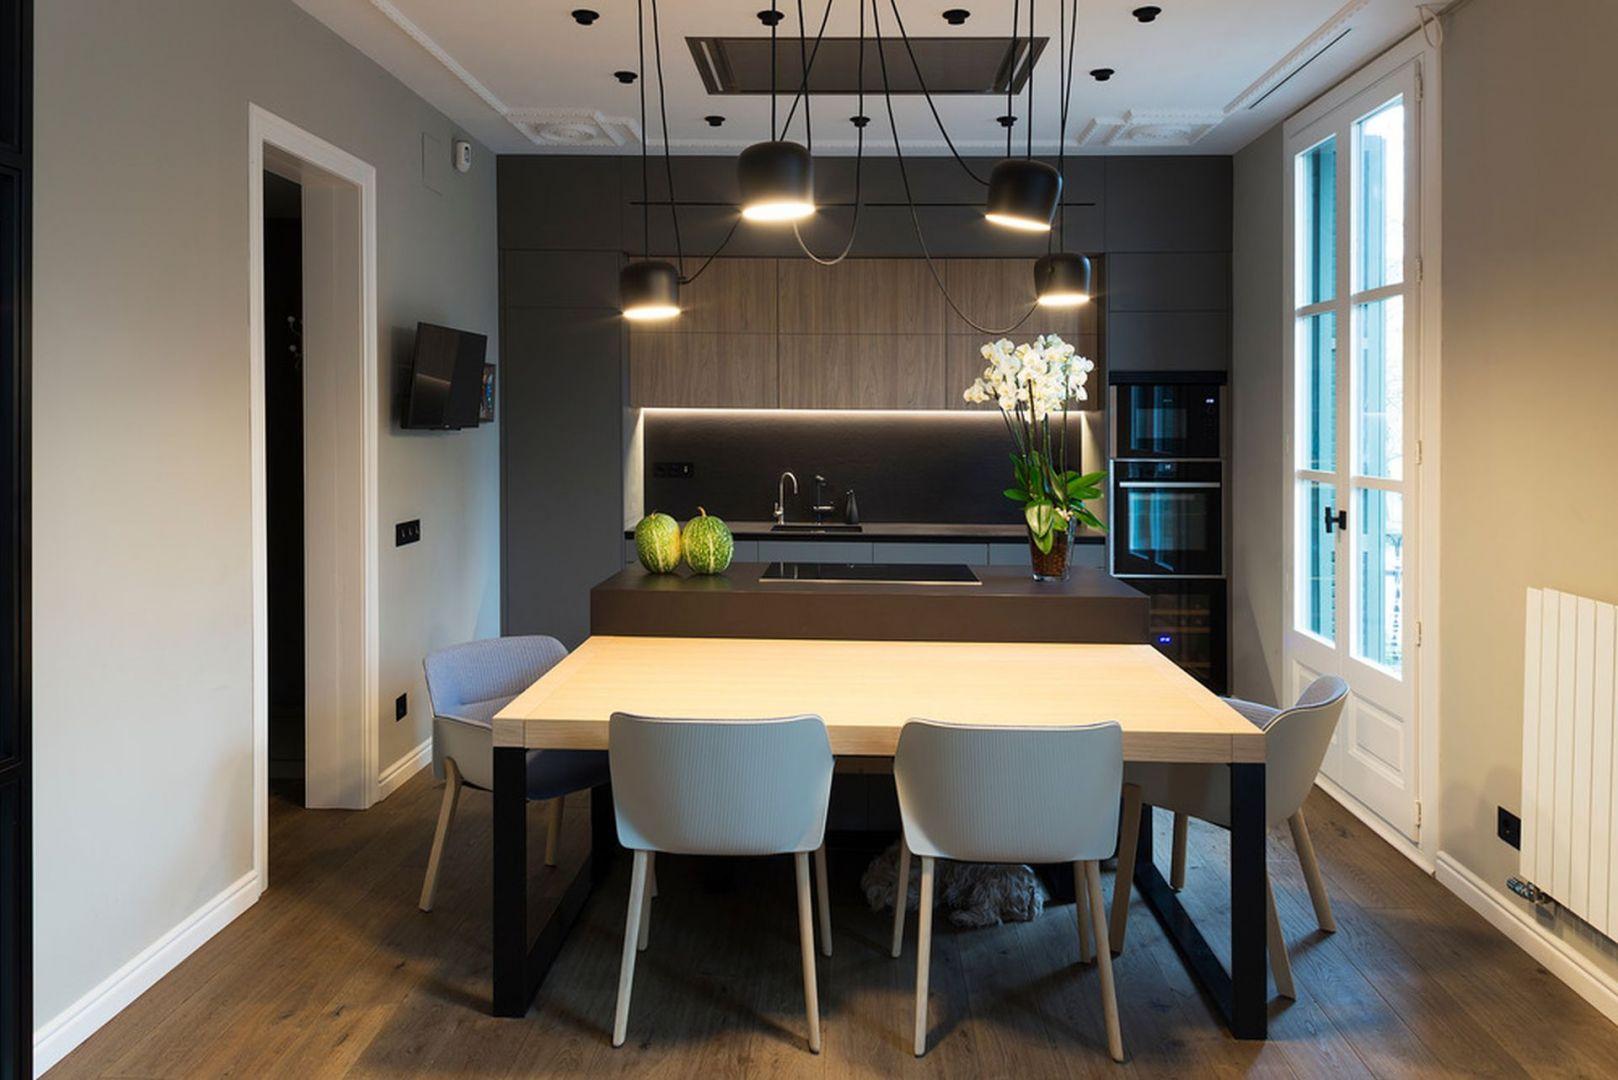 W kuchni znalazła się wyspa kuchenna, przy której stanął stół. Projekt: Gokostudio. Zdjęcia: Valentin Hincû